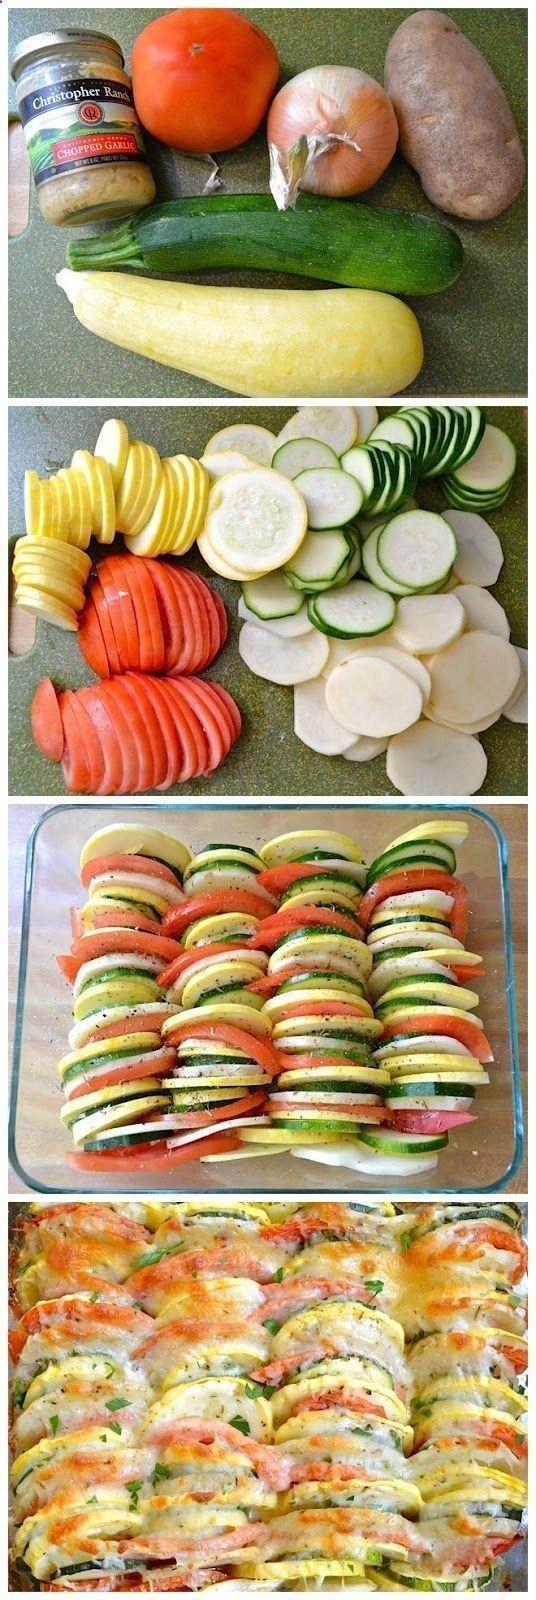 Sliced Vegetables With Parmesan